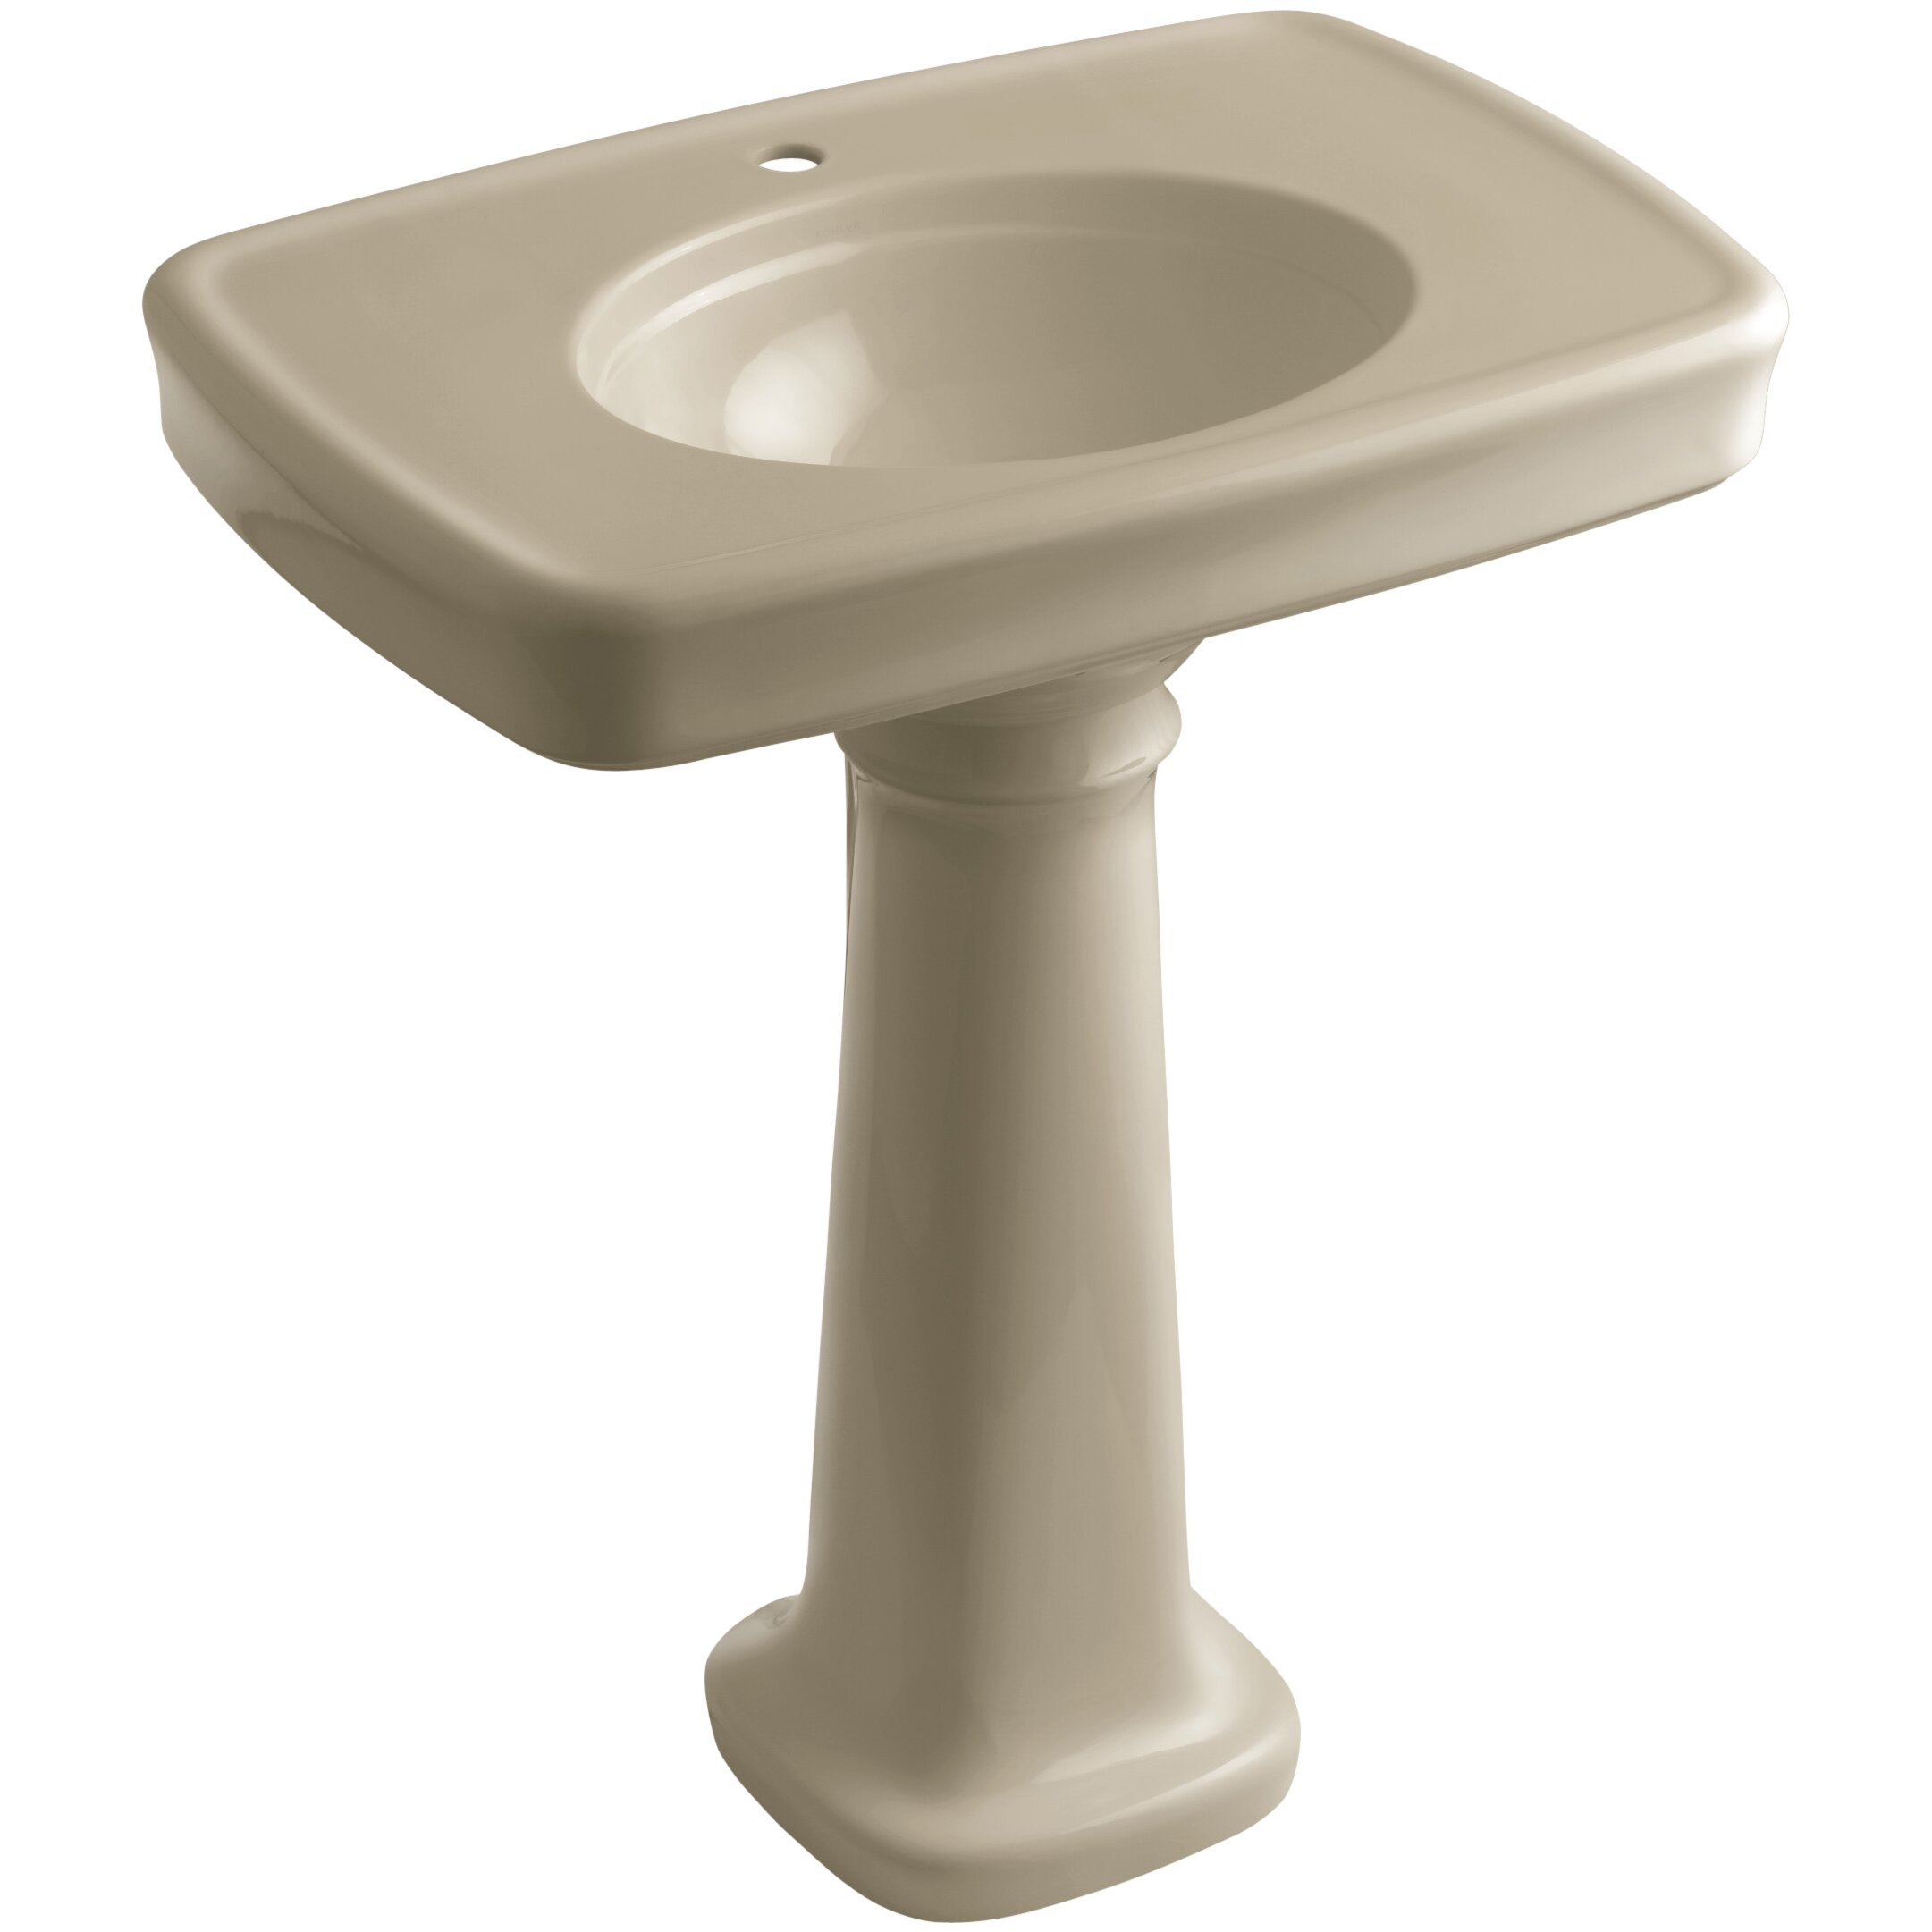 Kohler Bancroft 30 Quot Pedestal Bathroom Sink With Single